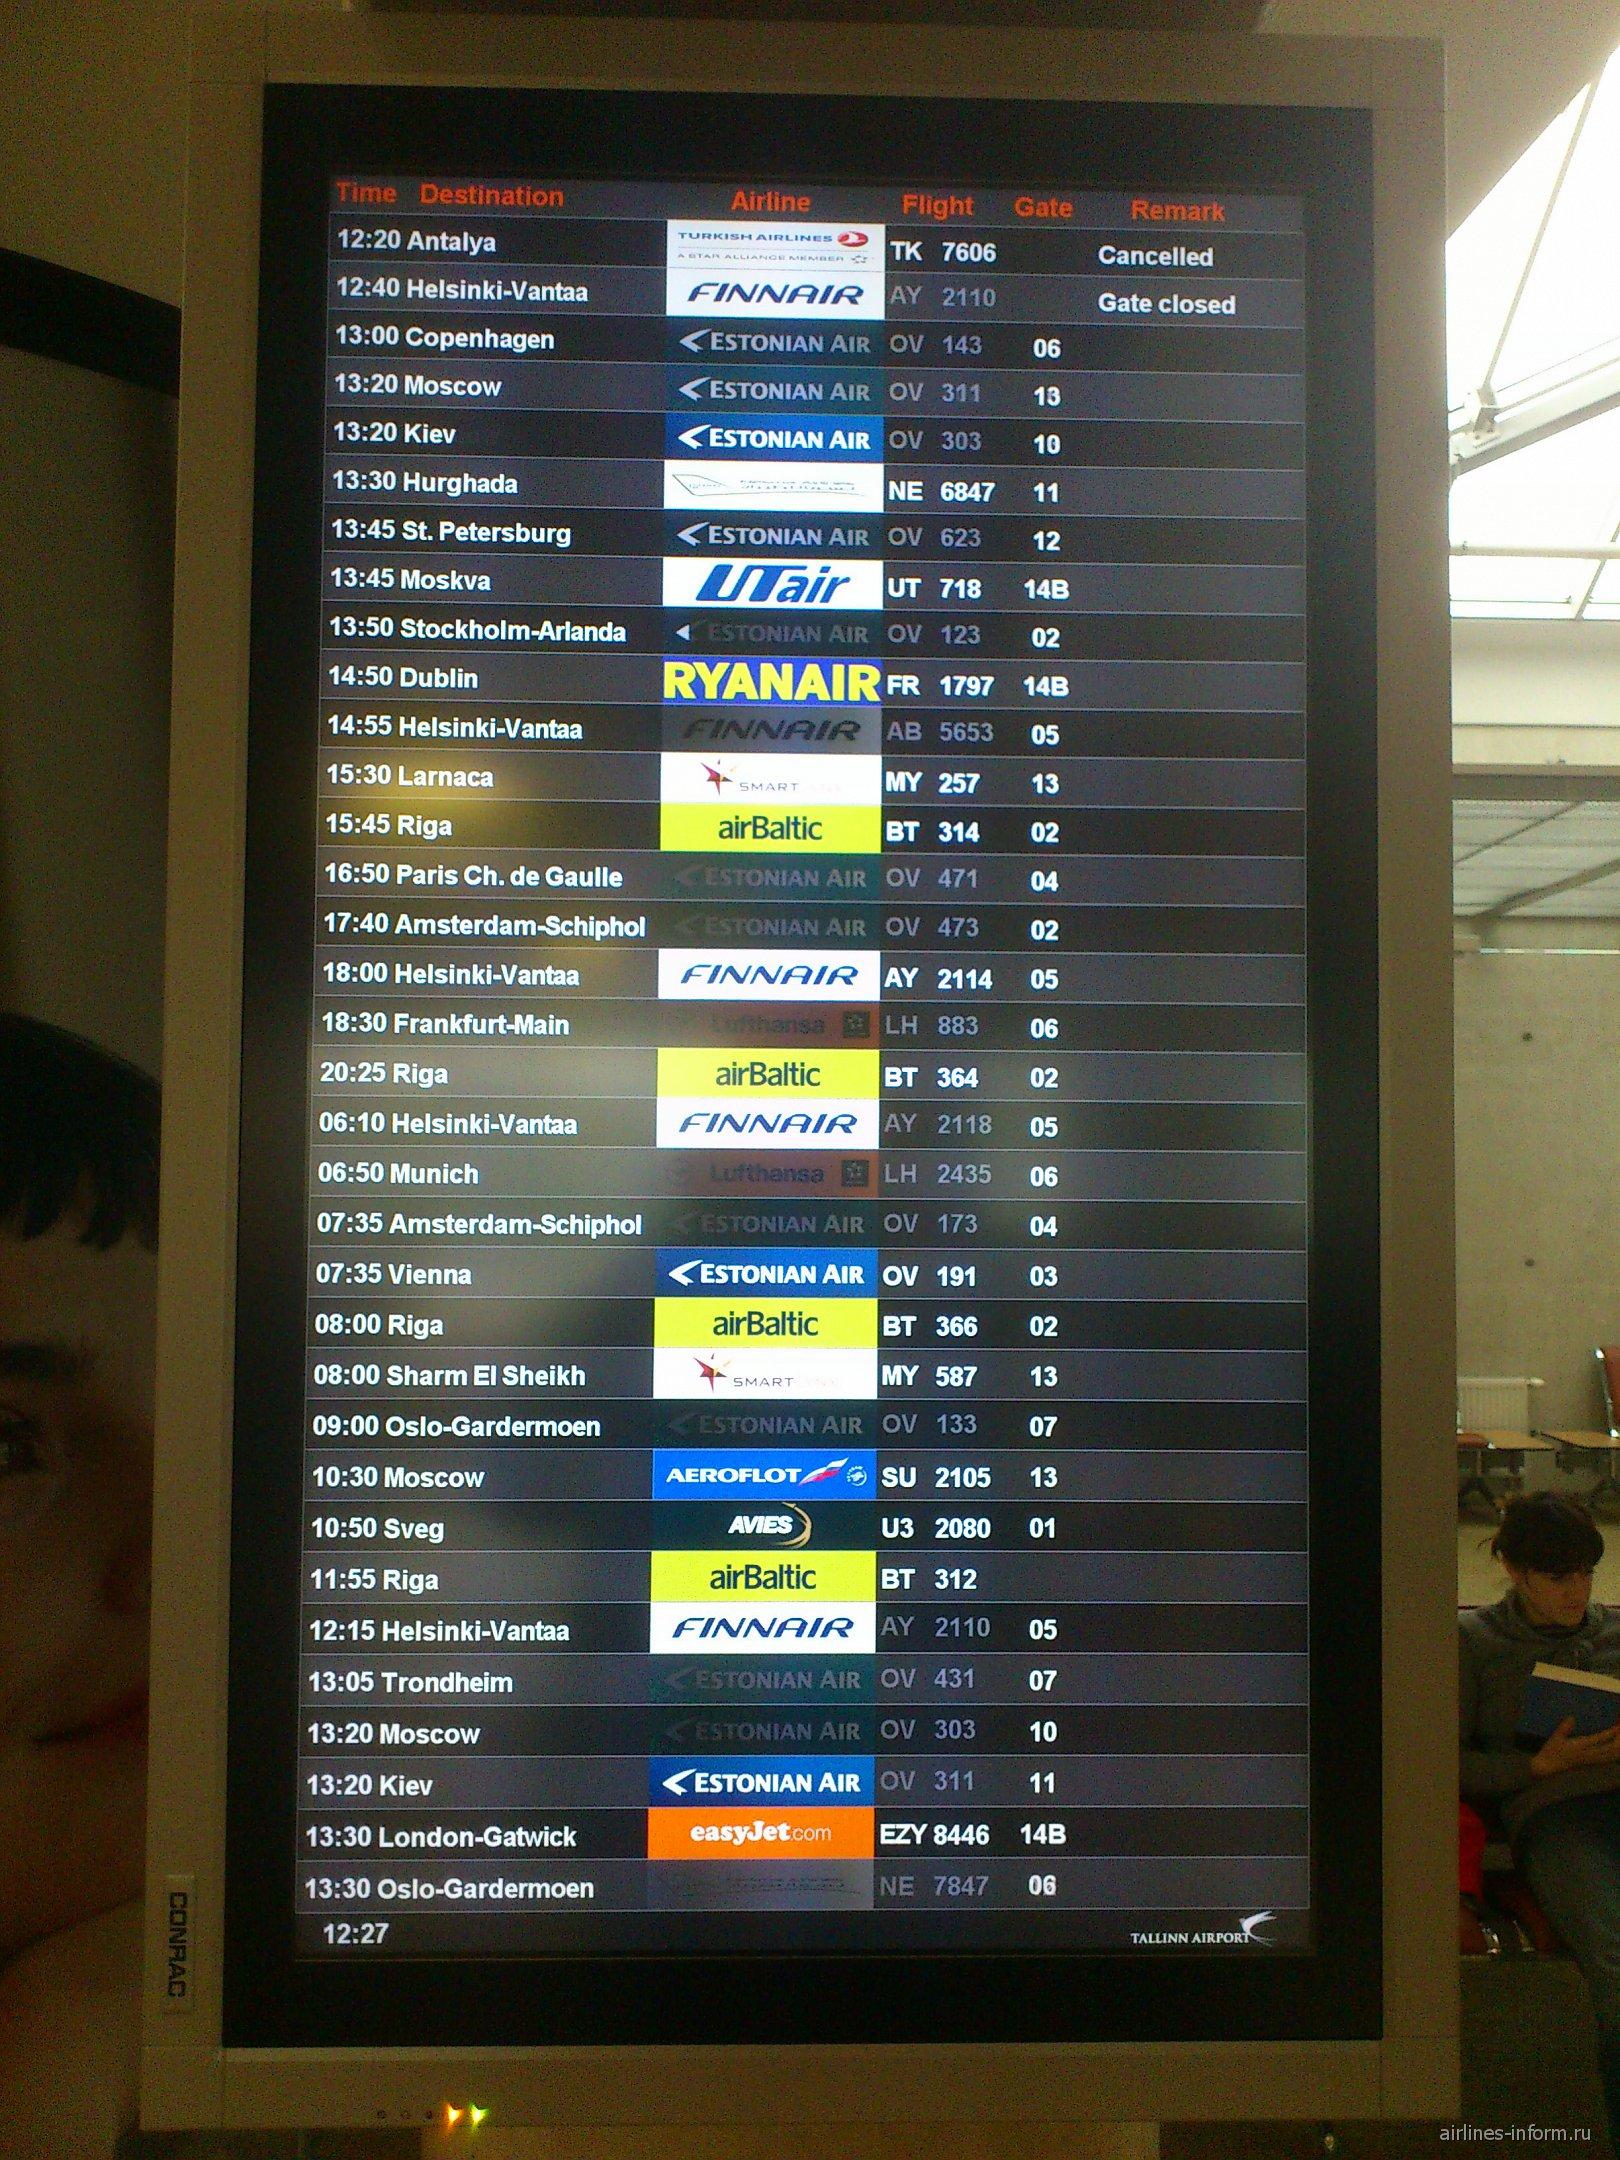 Табло рейсов в аэропорту Таллинна